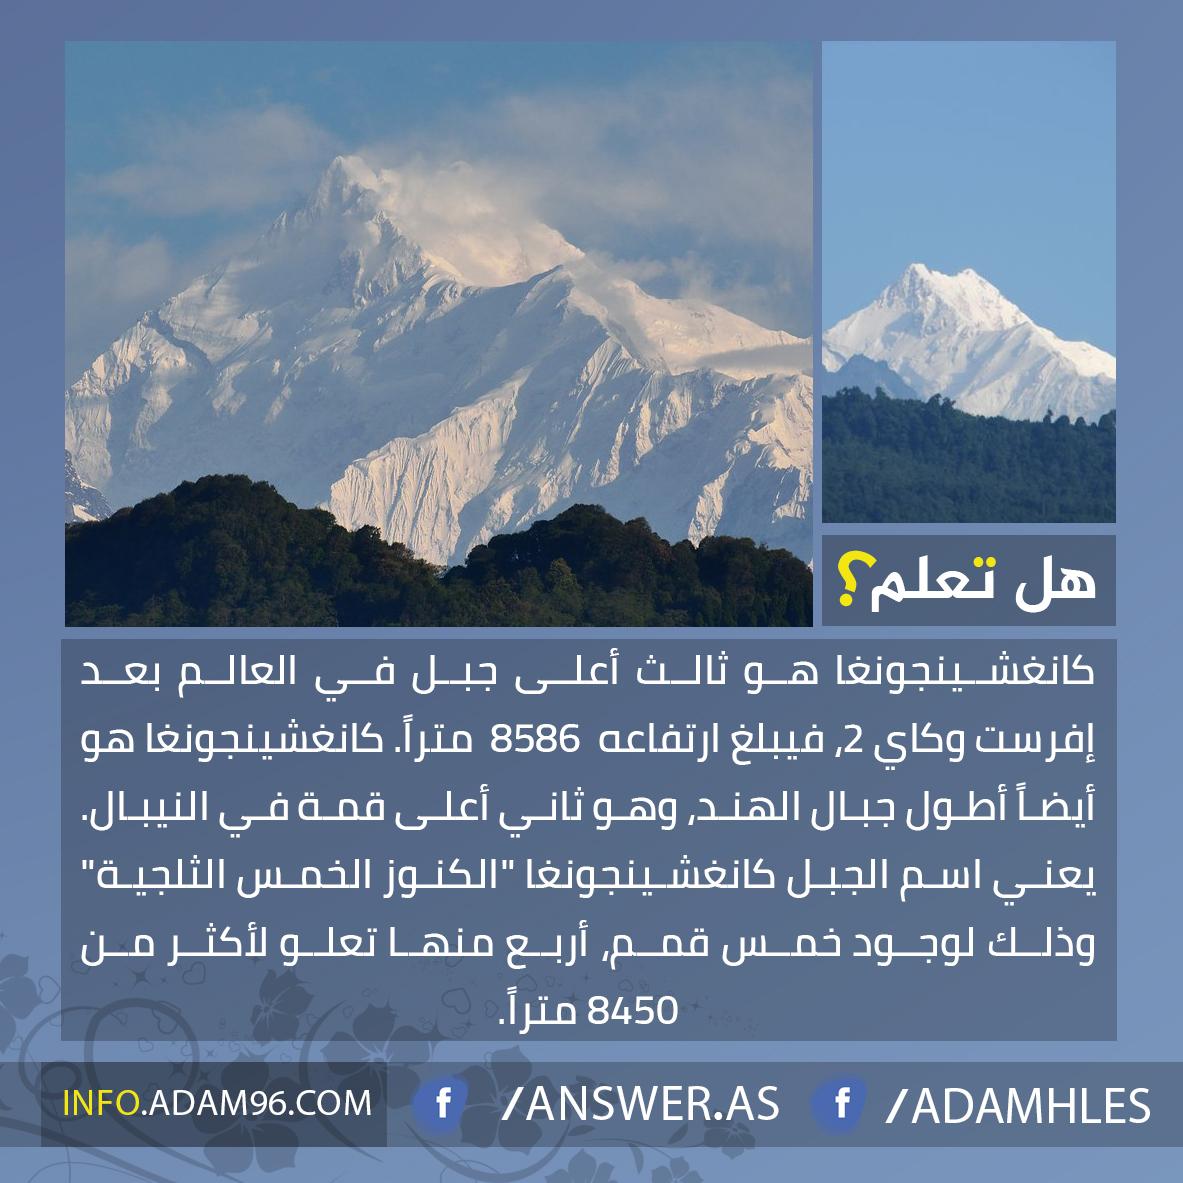 اعلى جبال العالم